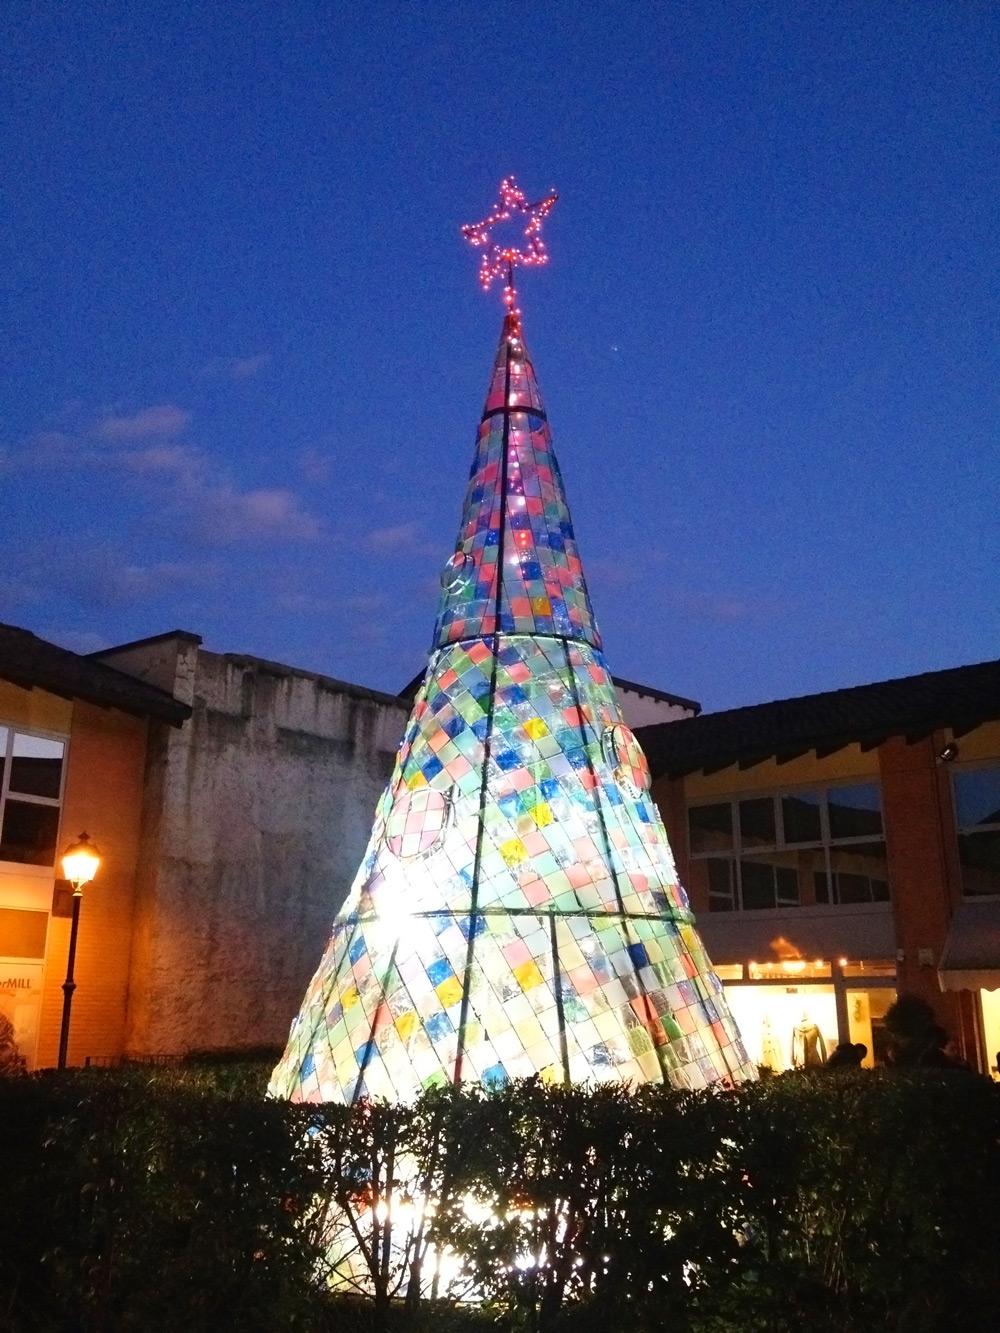 design christmas tree in ferro realizzato per festività in piazza a milano da fabbro fratelli gussoni